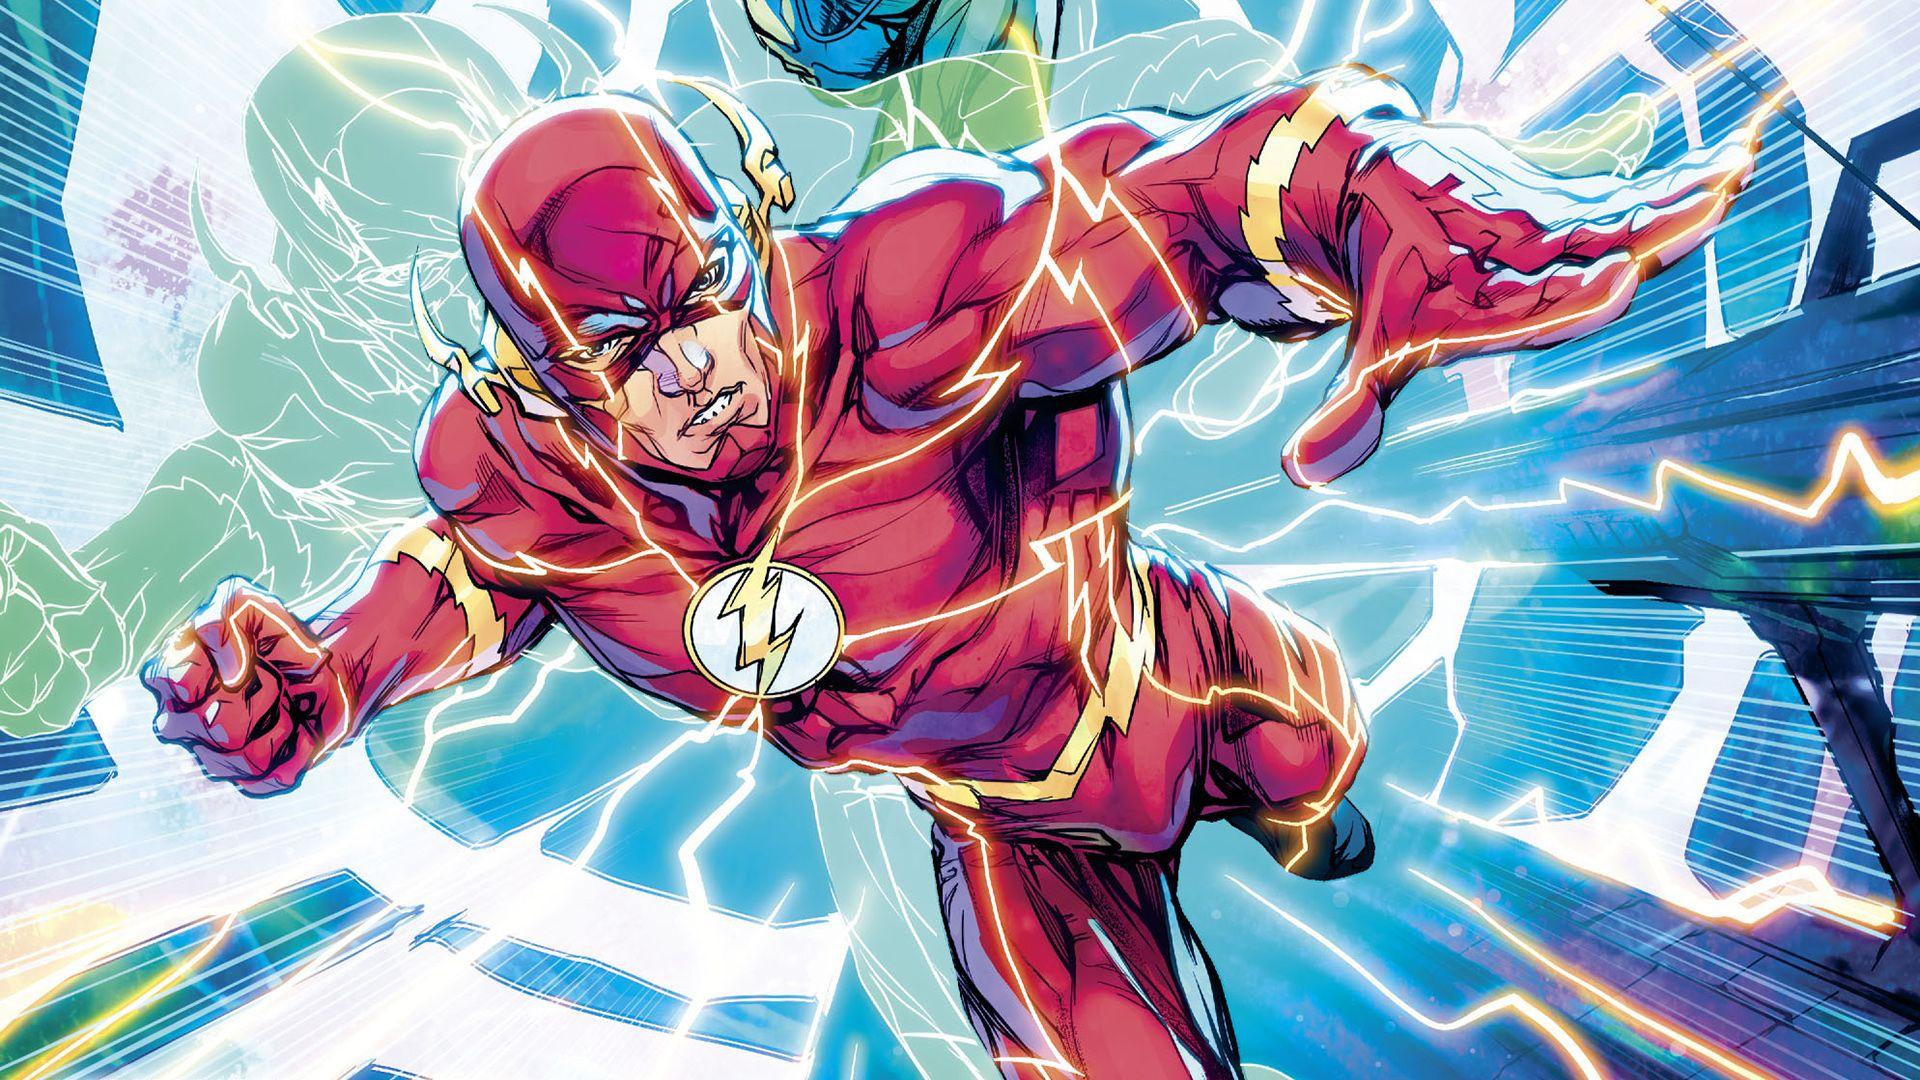 Comics Flash Dc Comics Barry Allen Justice League Hd Wallpaper